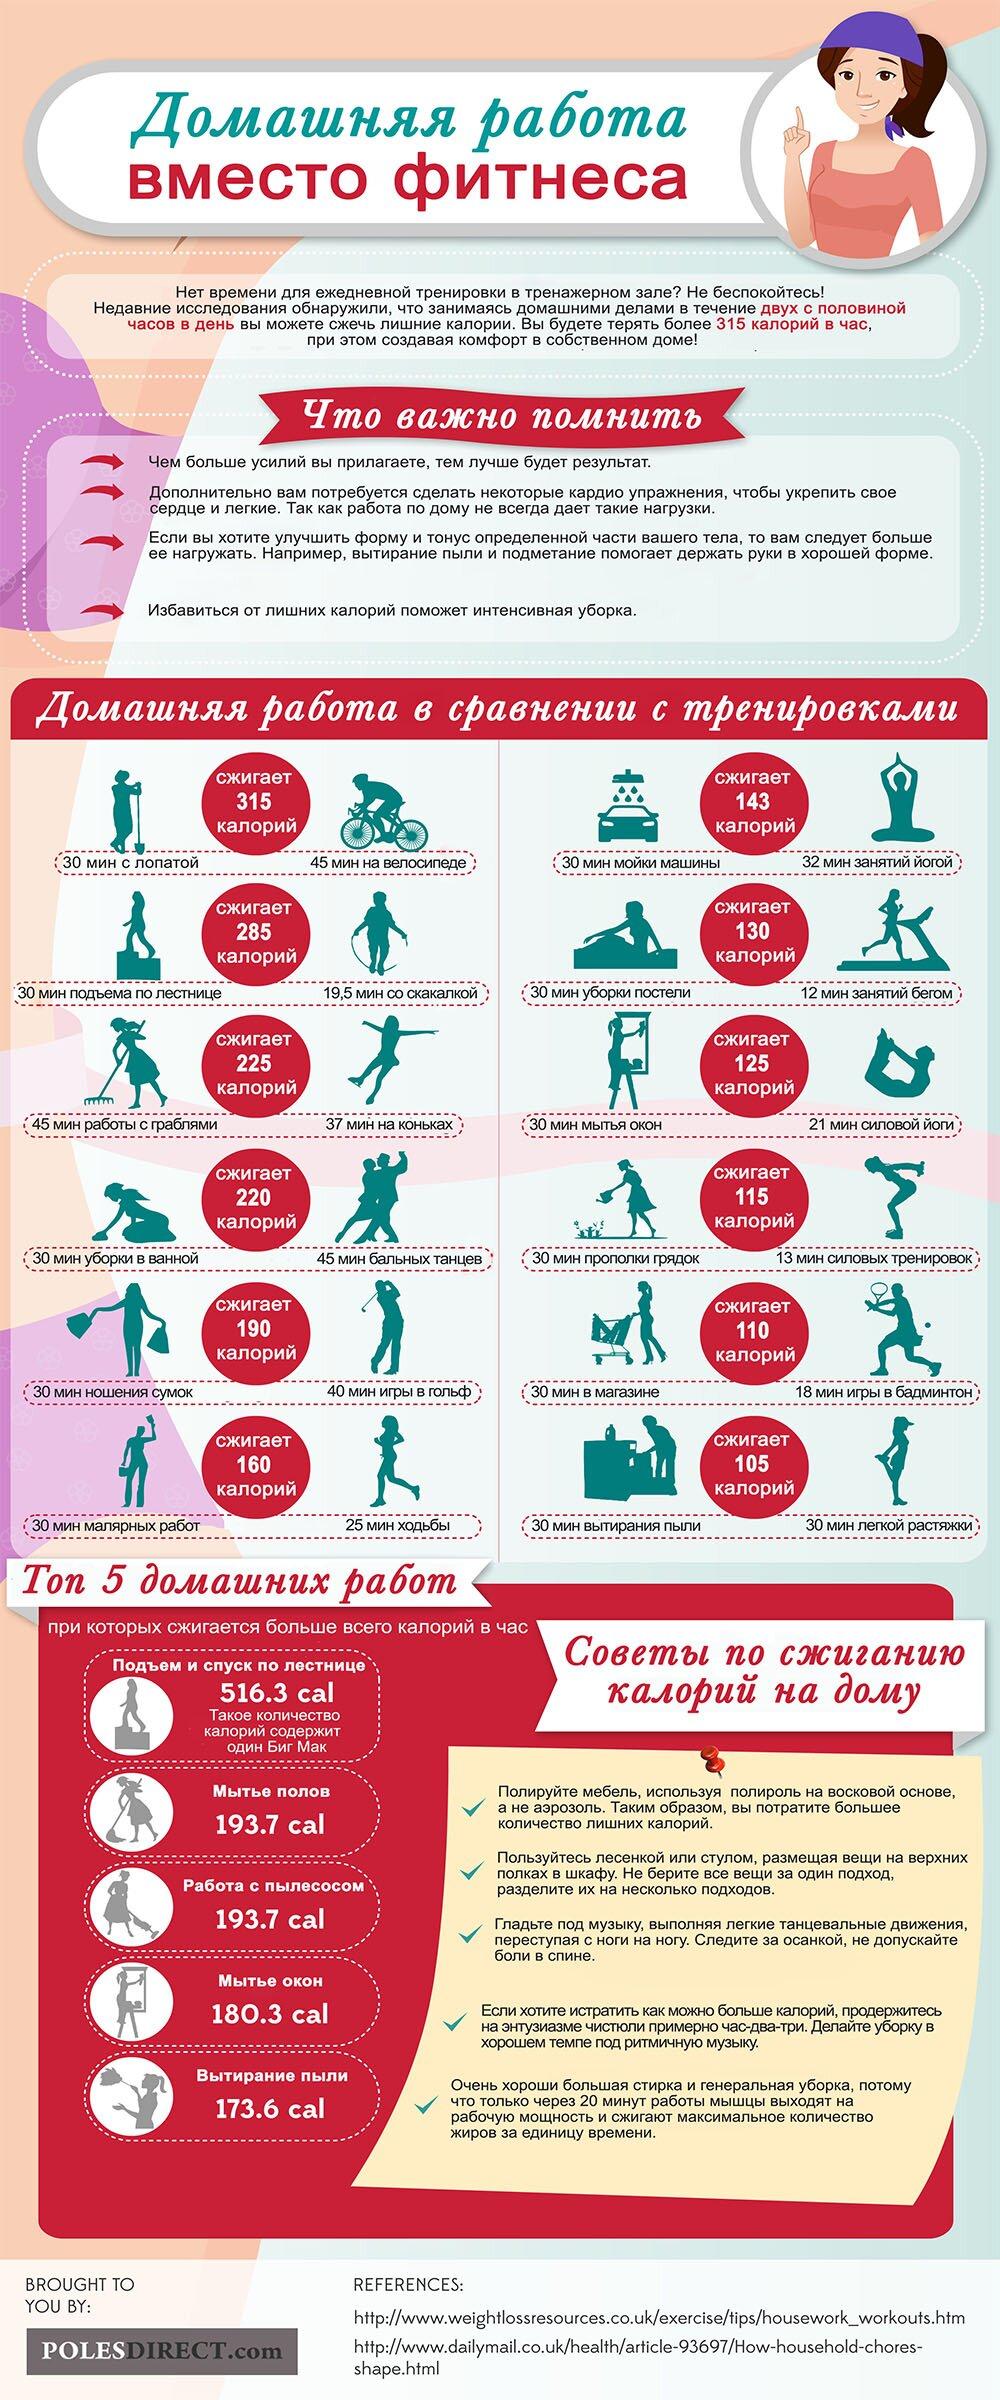 домашняя работа вместо фитнеса